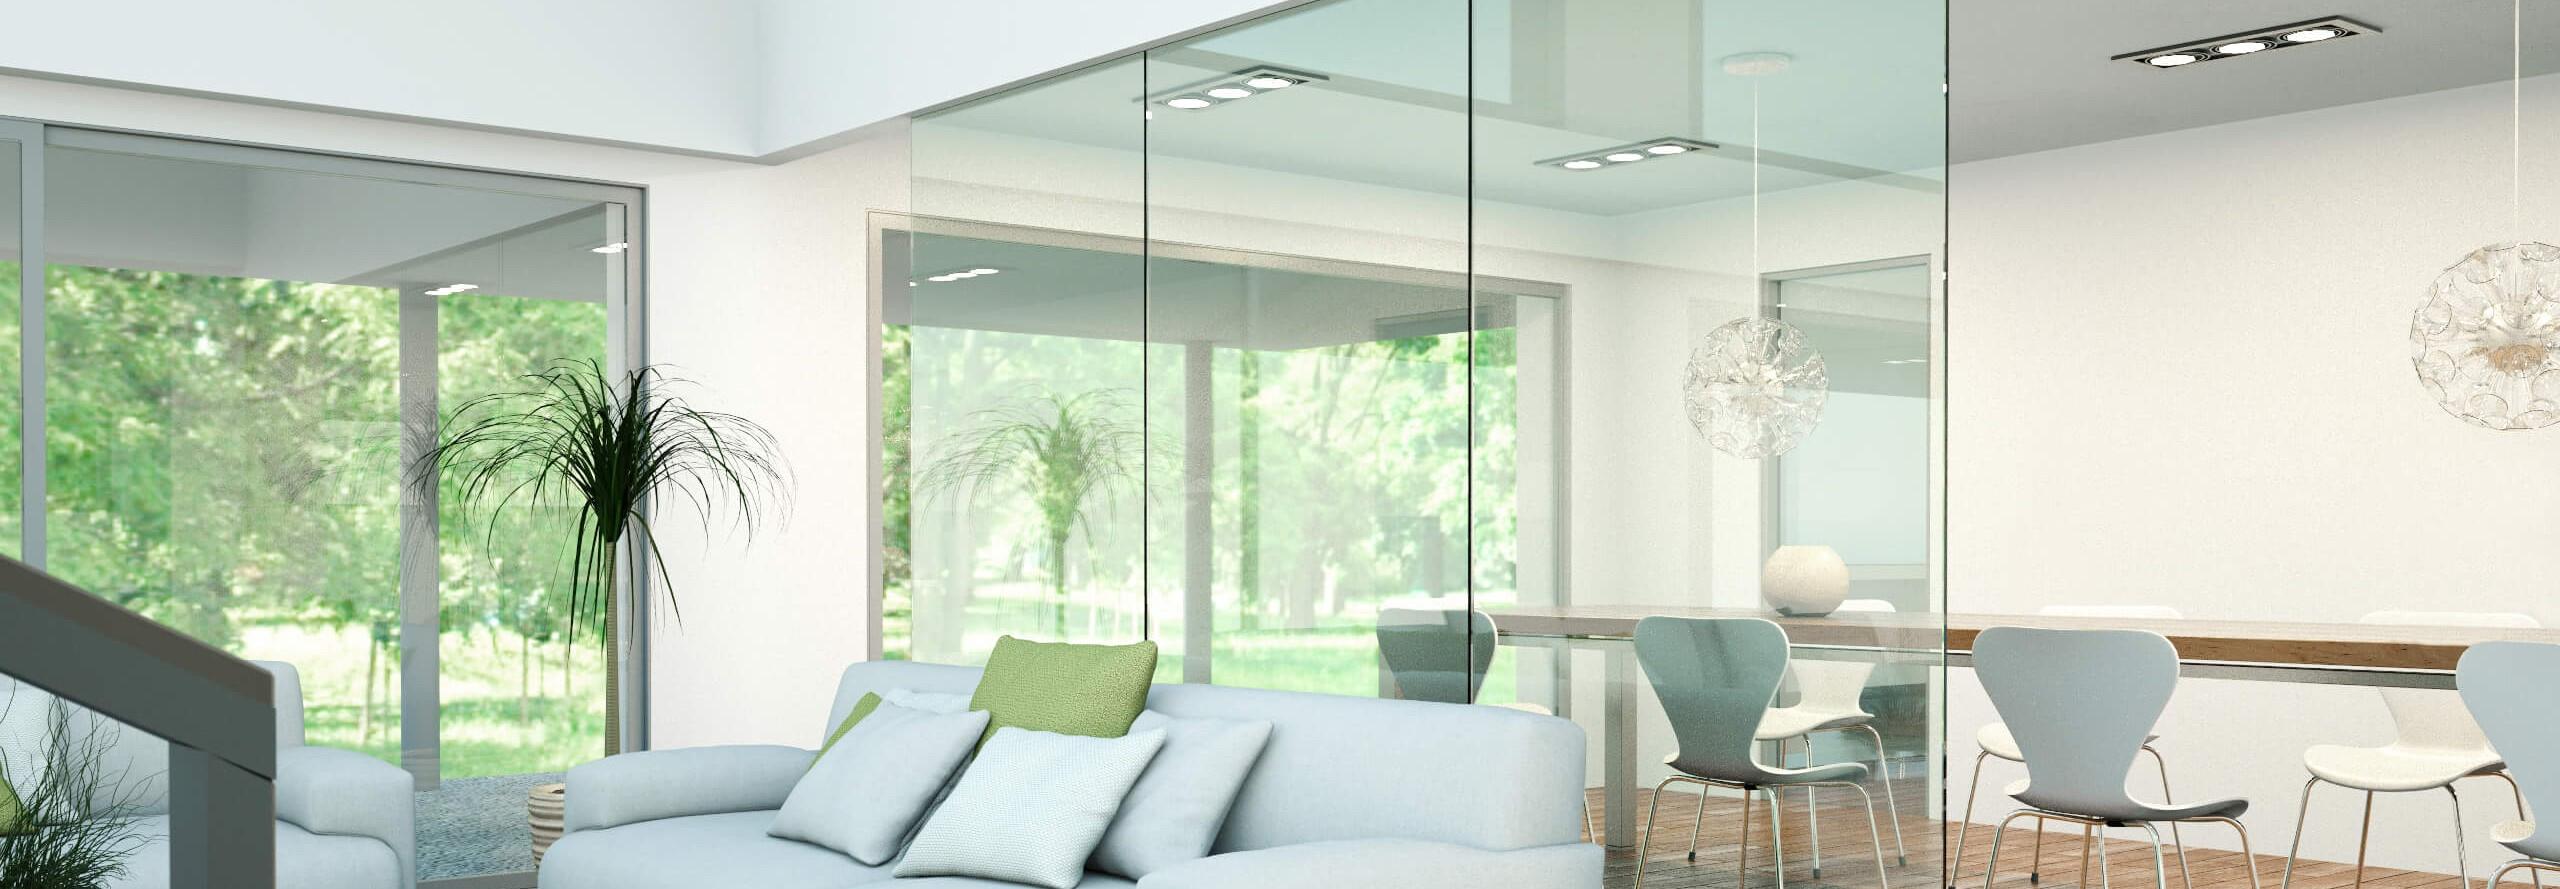 raumteiler-glas-zwischen-wohnbereich-und-esszimmer